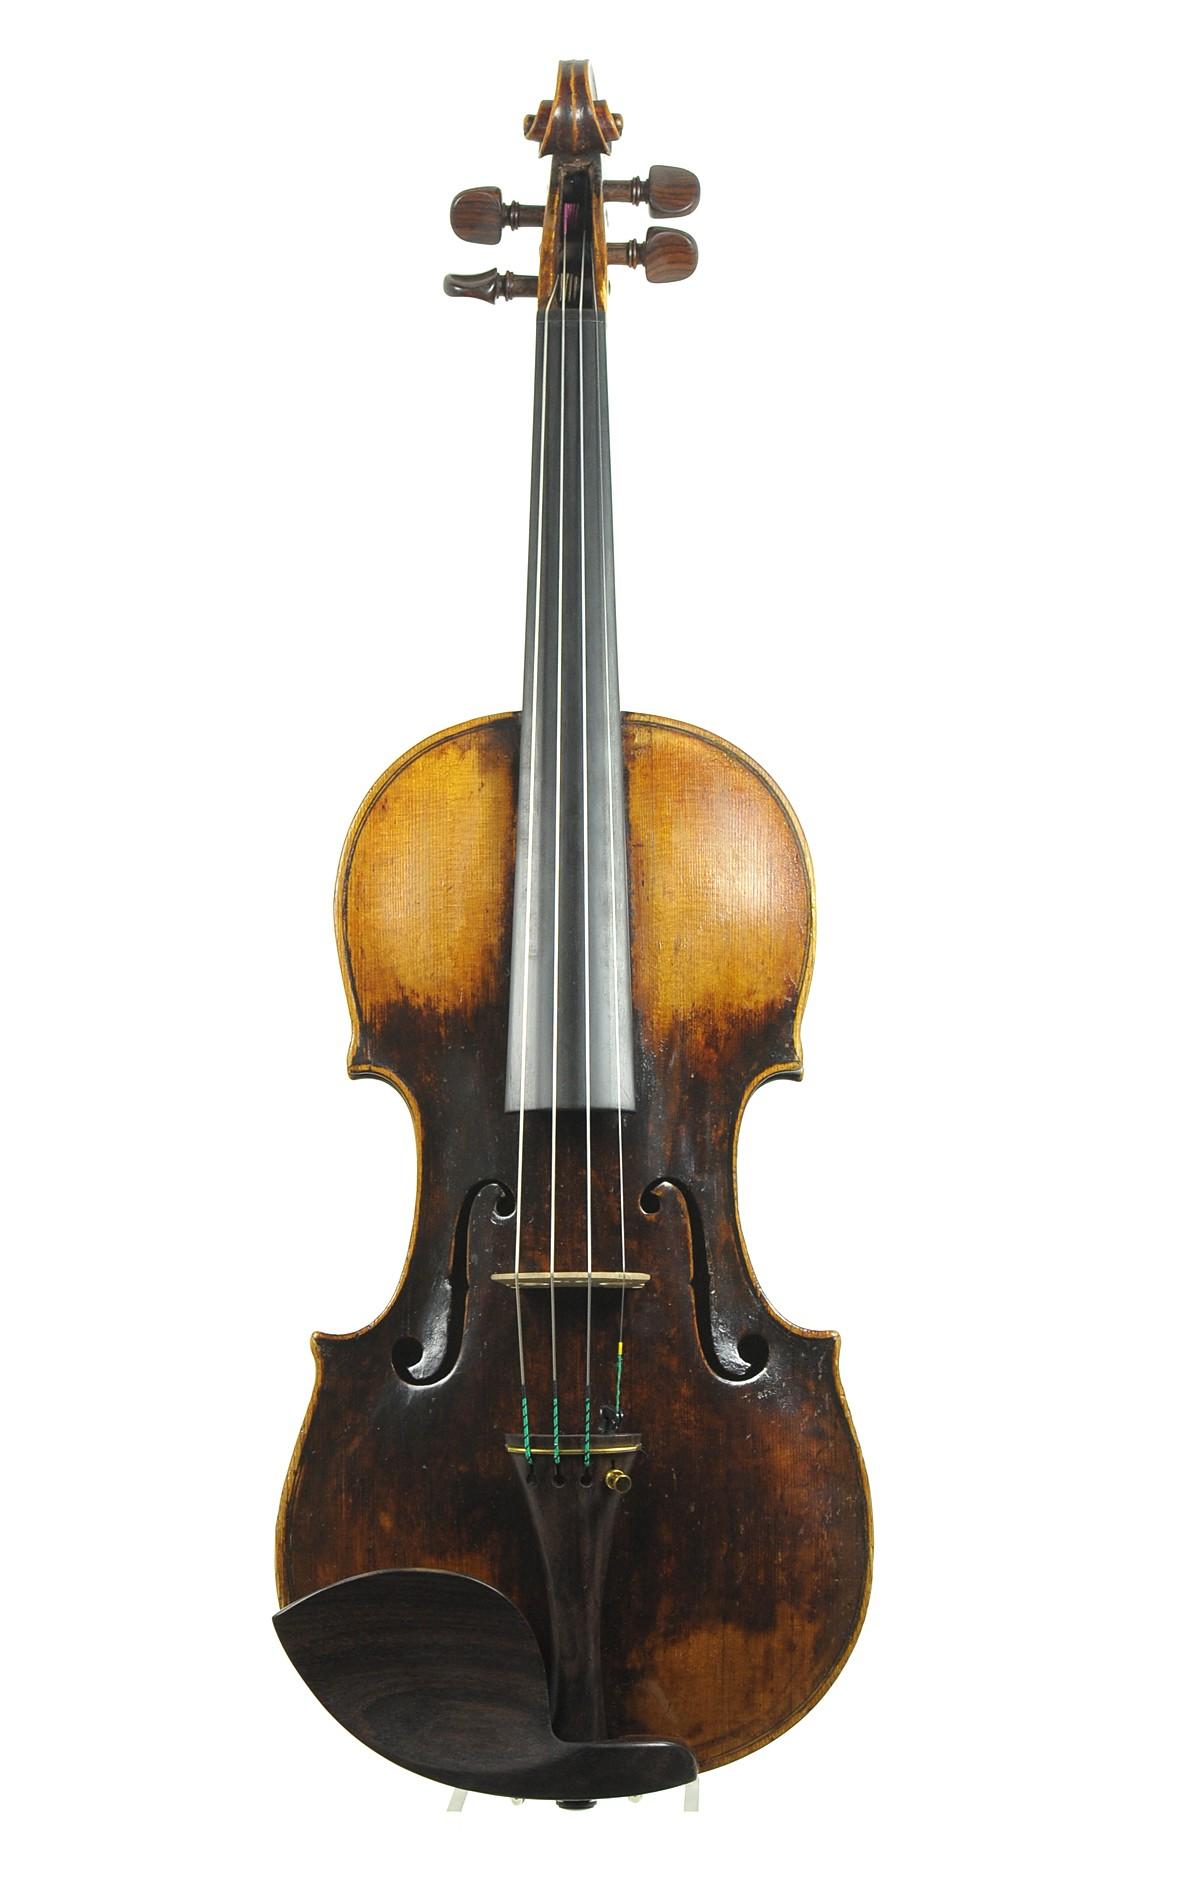 Fine Viennese master violin by Mathias Thir, 1782 (certificate by Hamma & Co. Stuttgart)